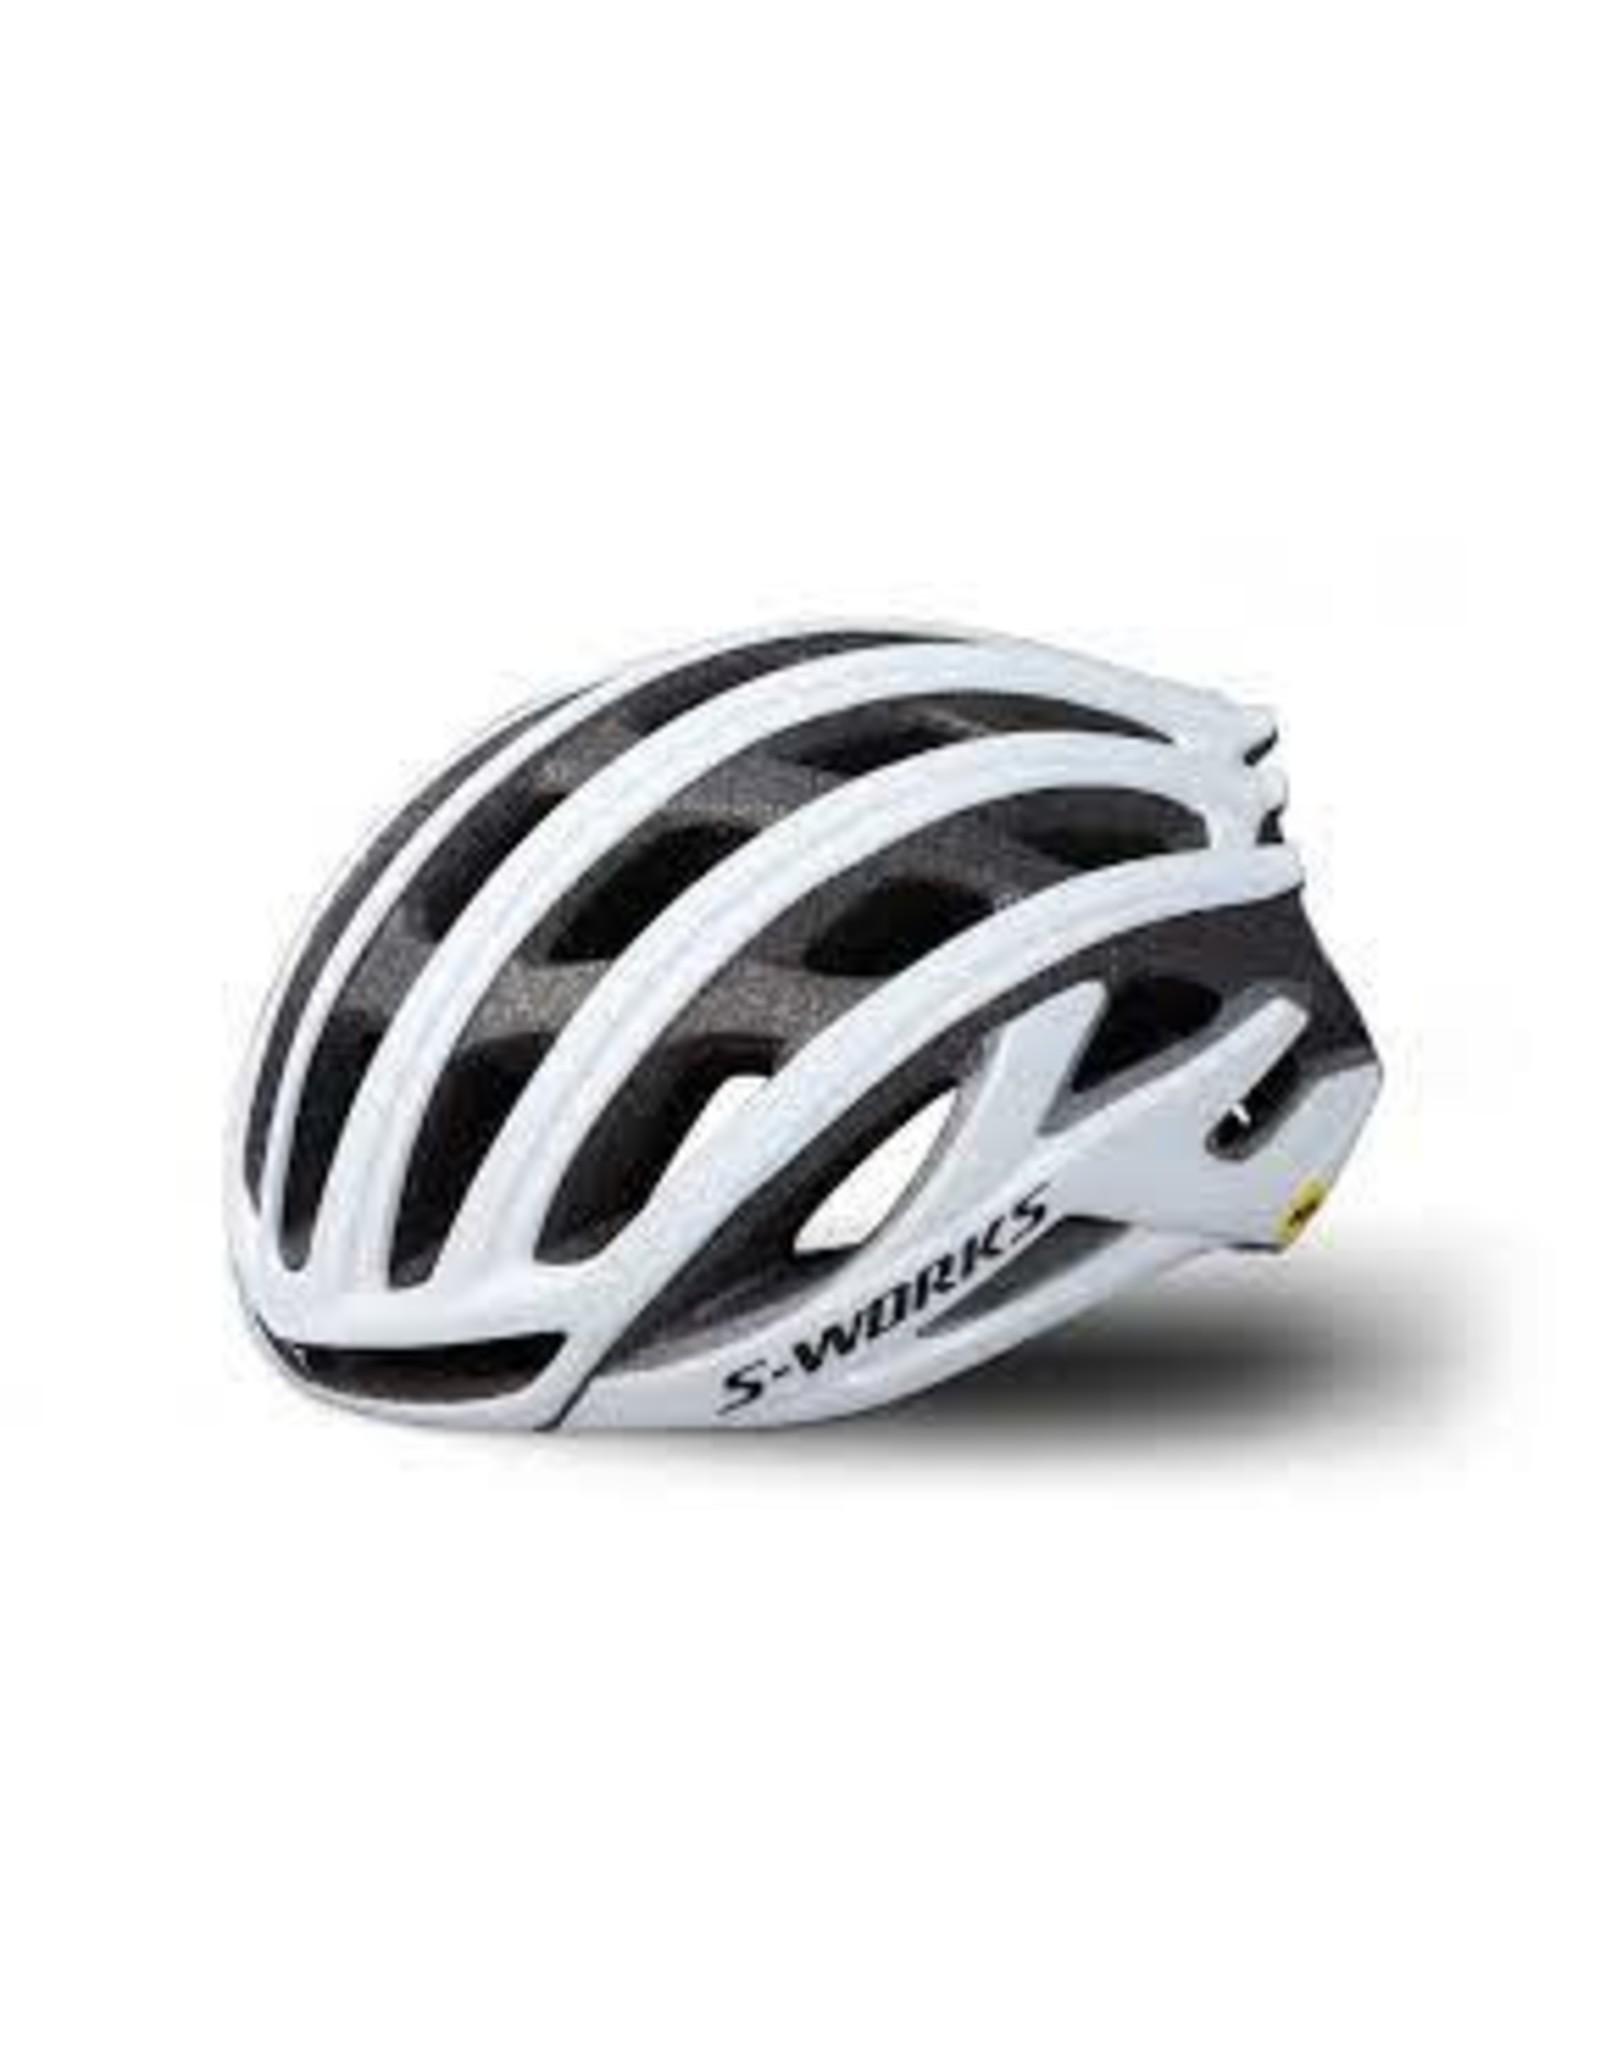 Specialized Helmet Spec SW Prevail II W/Angi Mips  White Medium